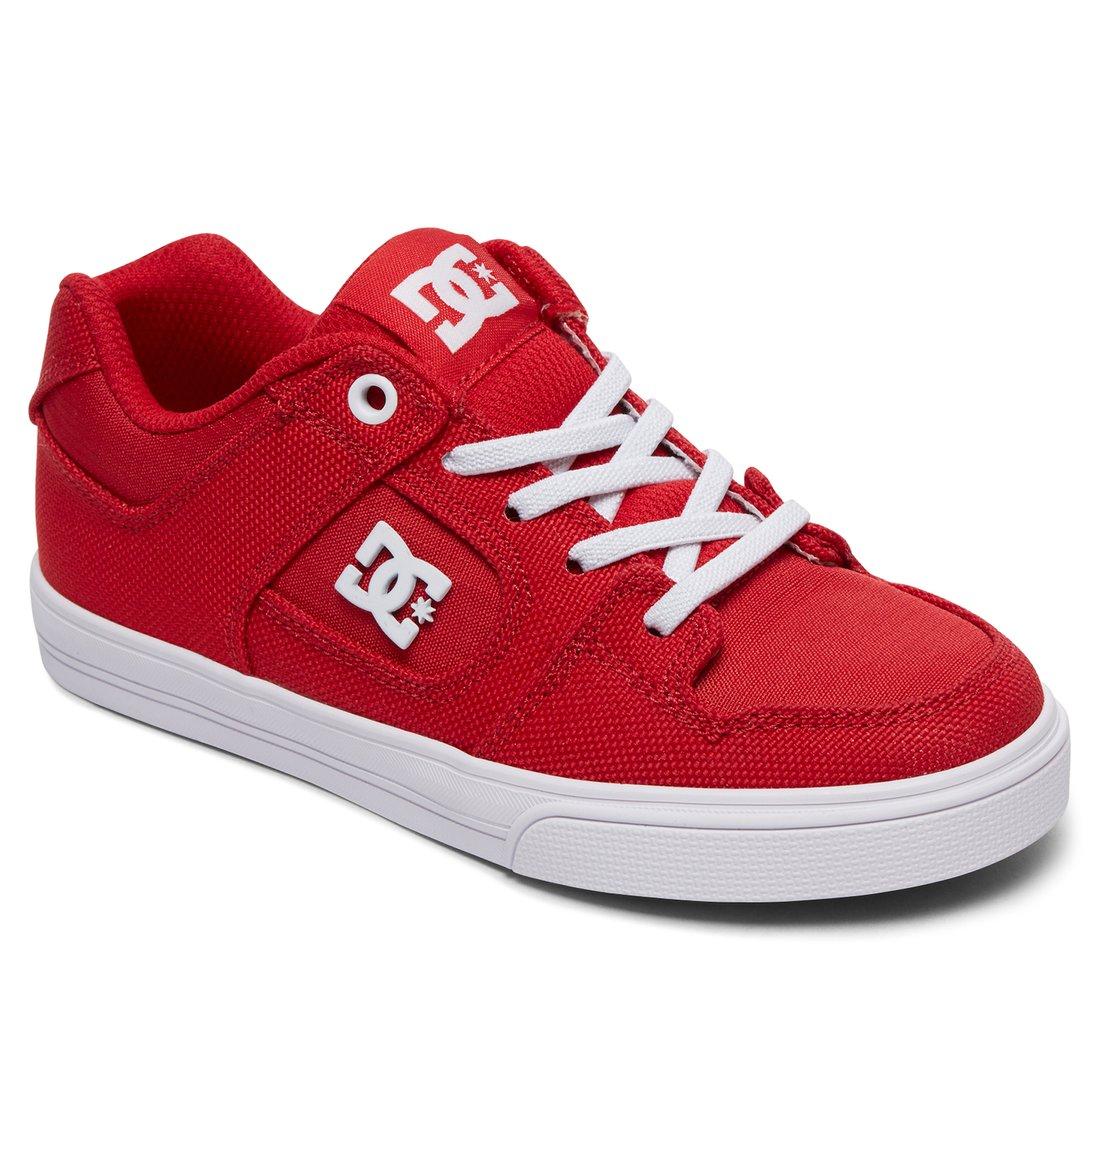 c79360e52 1 Niños 4-7 Zapatos de Meter Elástico PuroTX SE Rojo ADBS300257 DC Shoes